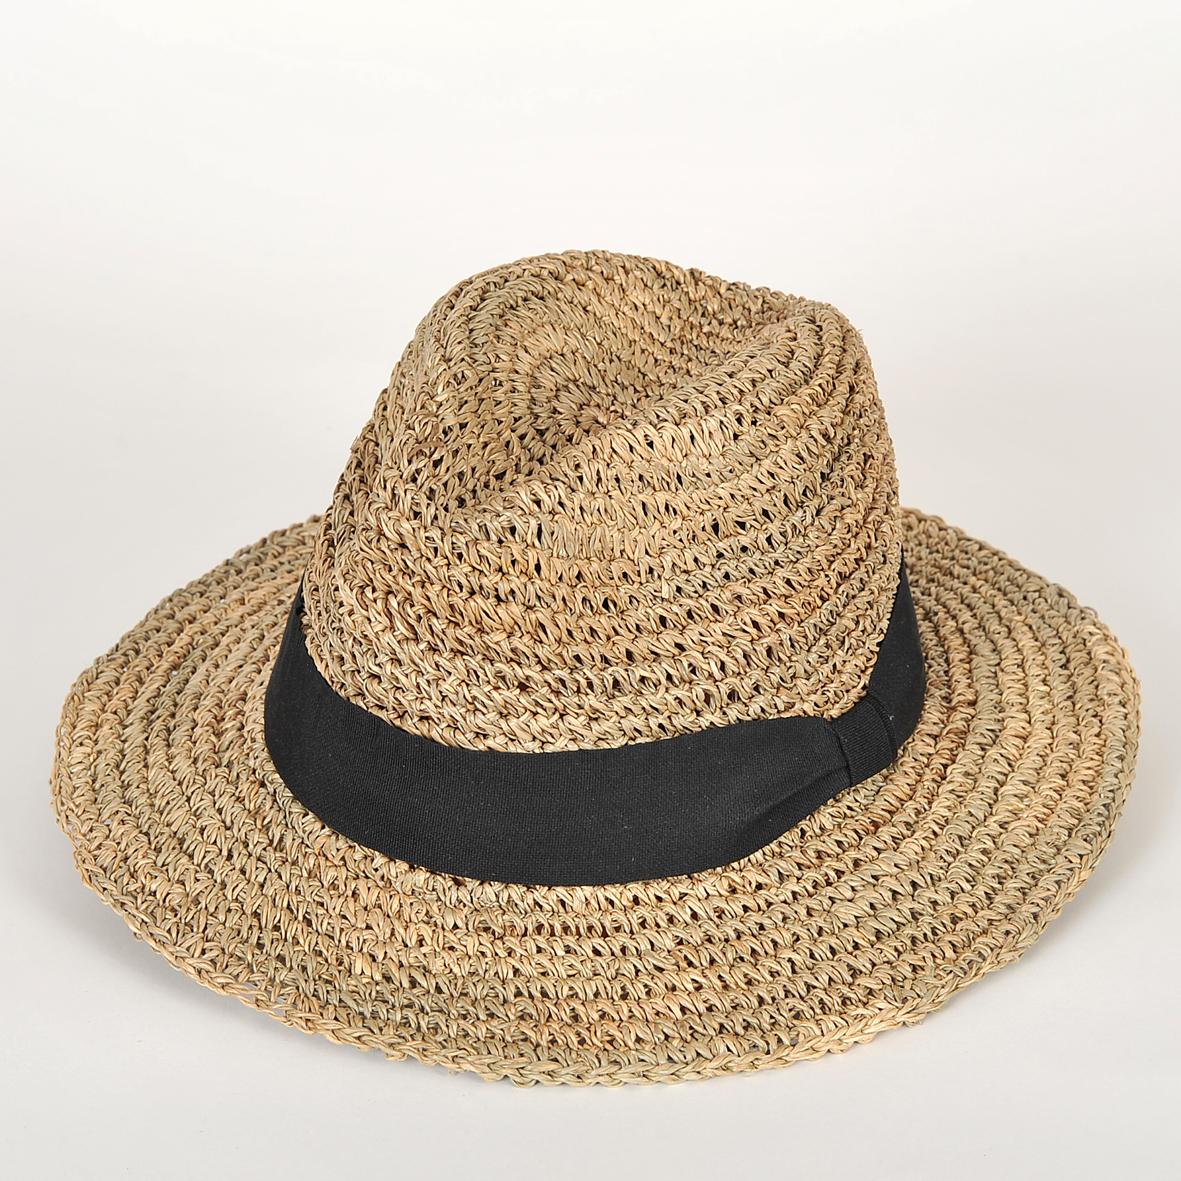 chapeau de paille homme gabrio seagrass crochet l 39 artisanat de sabrina. Black Bedroom Furniture Sets. Home Design Ideas